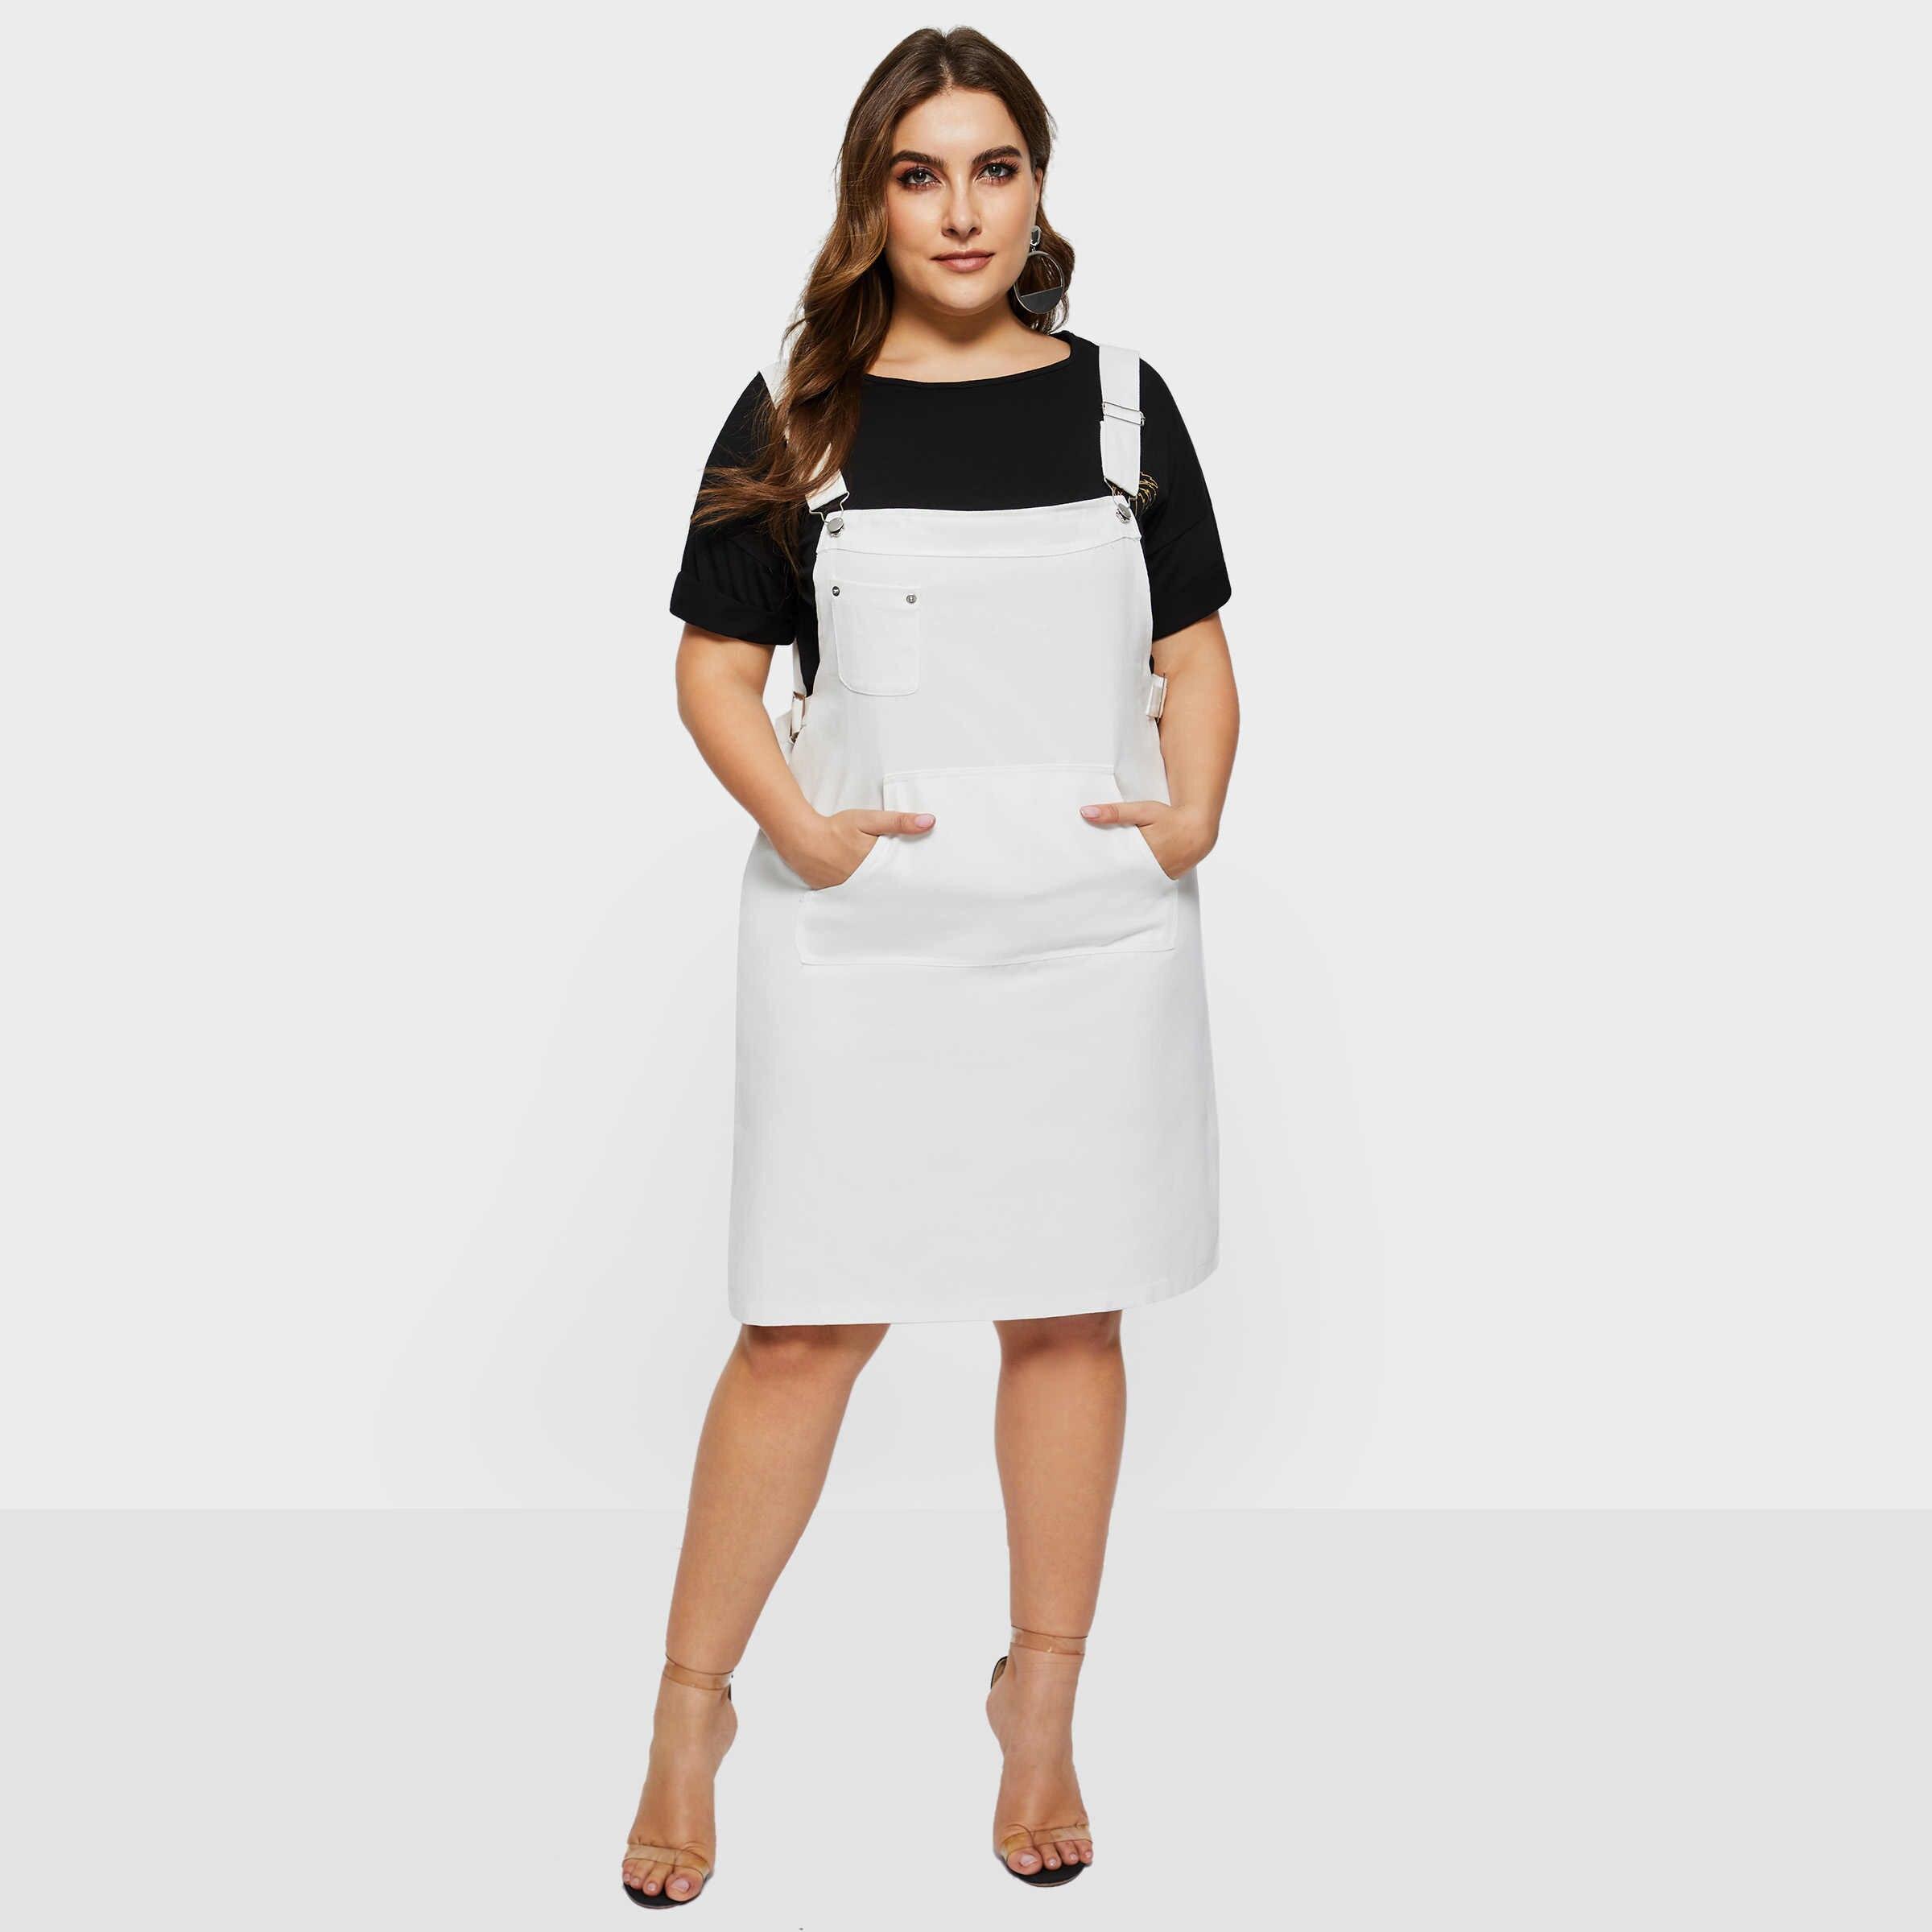 Женские джинсовые платья Белые Простые повседневные уличные плюс размер простые элегантные женские горячие продажи модные милые с высокой талией подтяжки платье